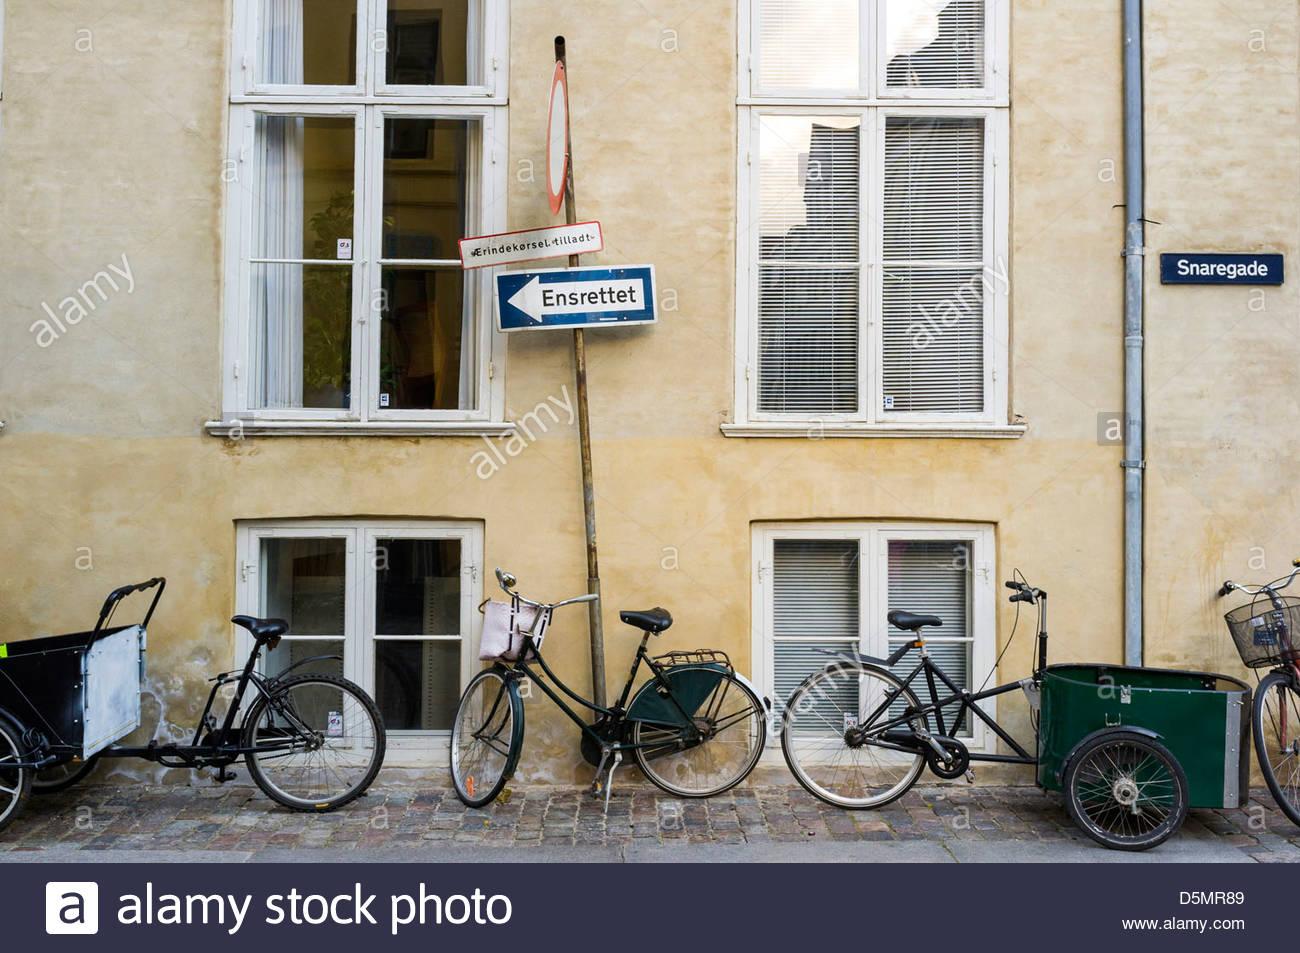 Fahrräder gegen eine Wand auf einem Bürgersteig in Central ausgekleidet, Kopenhagen, Region Hovedstaden, Stockbild